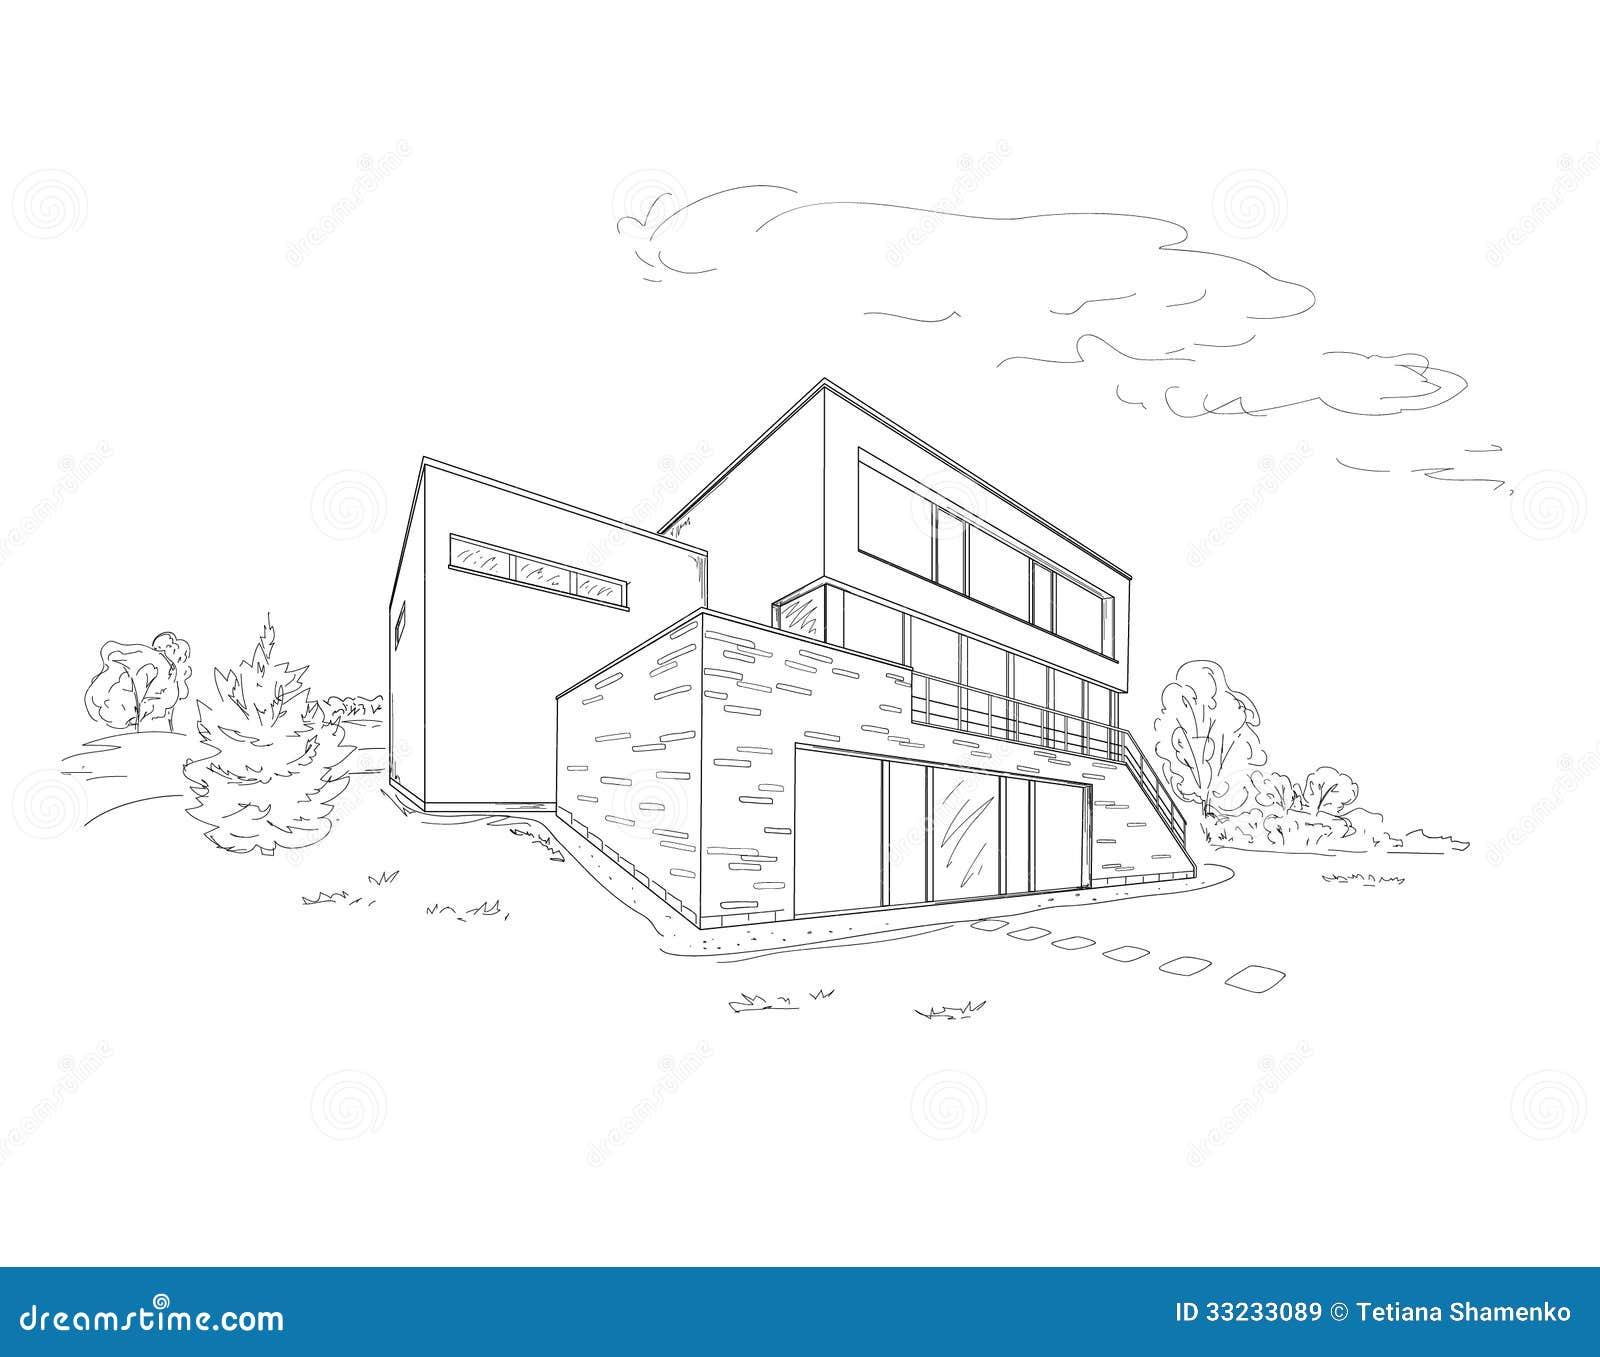 Im%C3%A1genes De Archivo Libres De Regal%C3%ADas Dibujo Del Edificio Image33233089